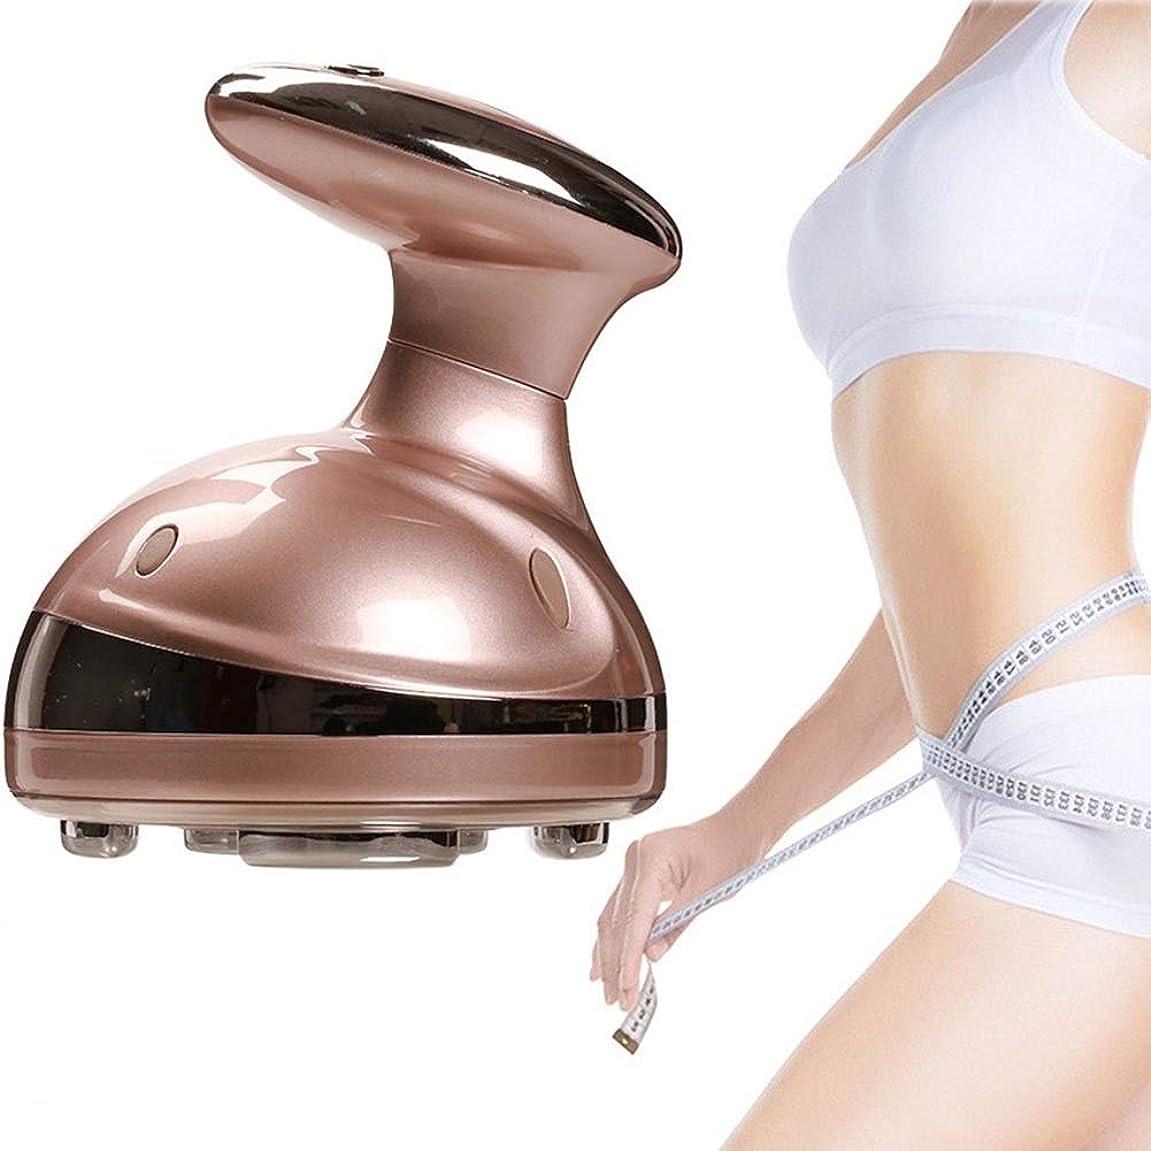 裁定無線誤解超音波脂肪除去機、RF脂肪燃焼振動整形美容器具脂肪除去体重減少デバイス、LEDフォトンアンチセルライト痩身ボディ美容院